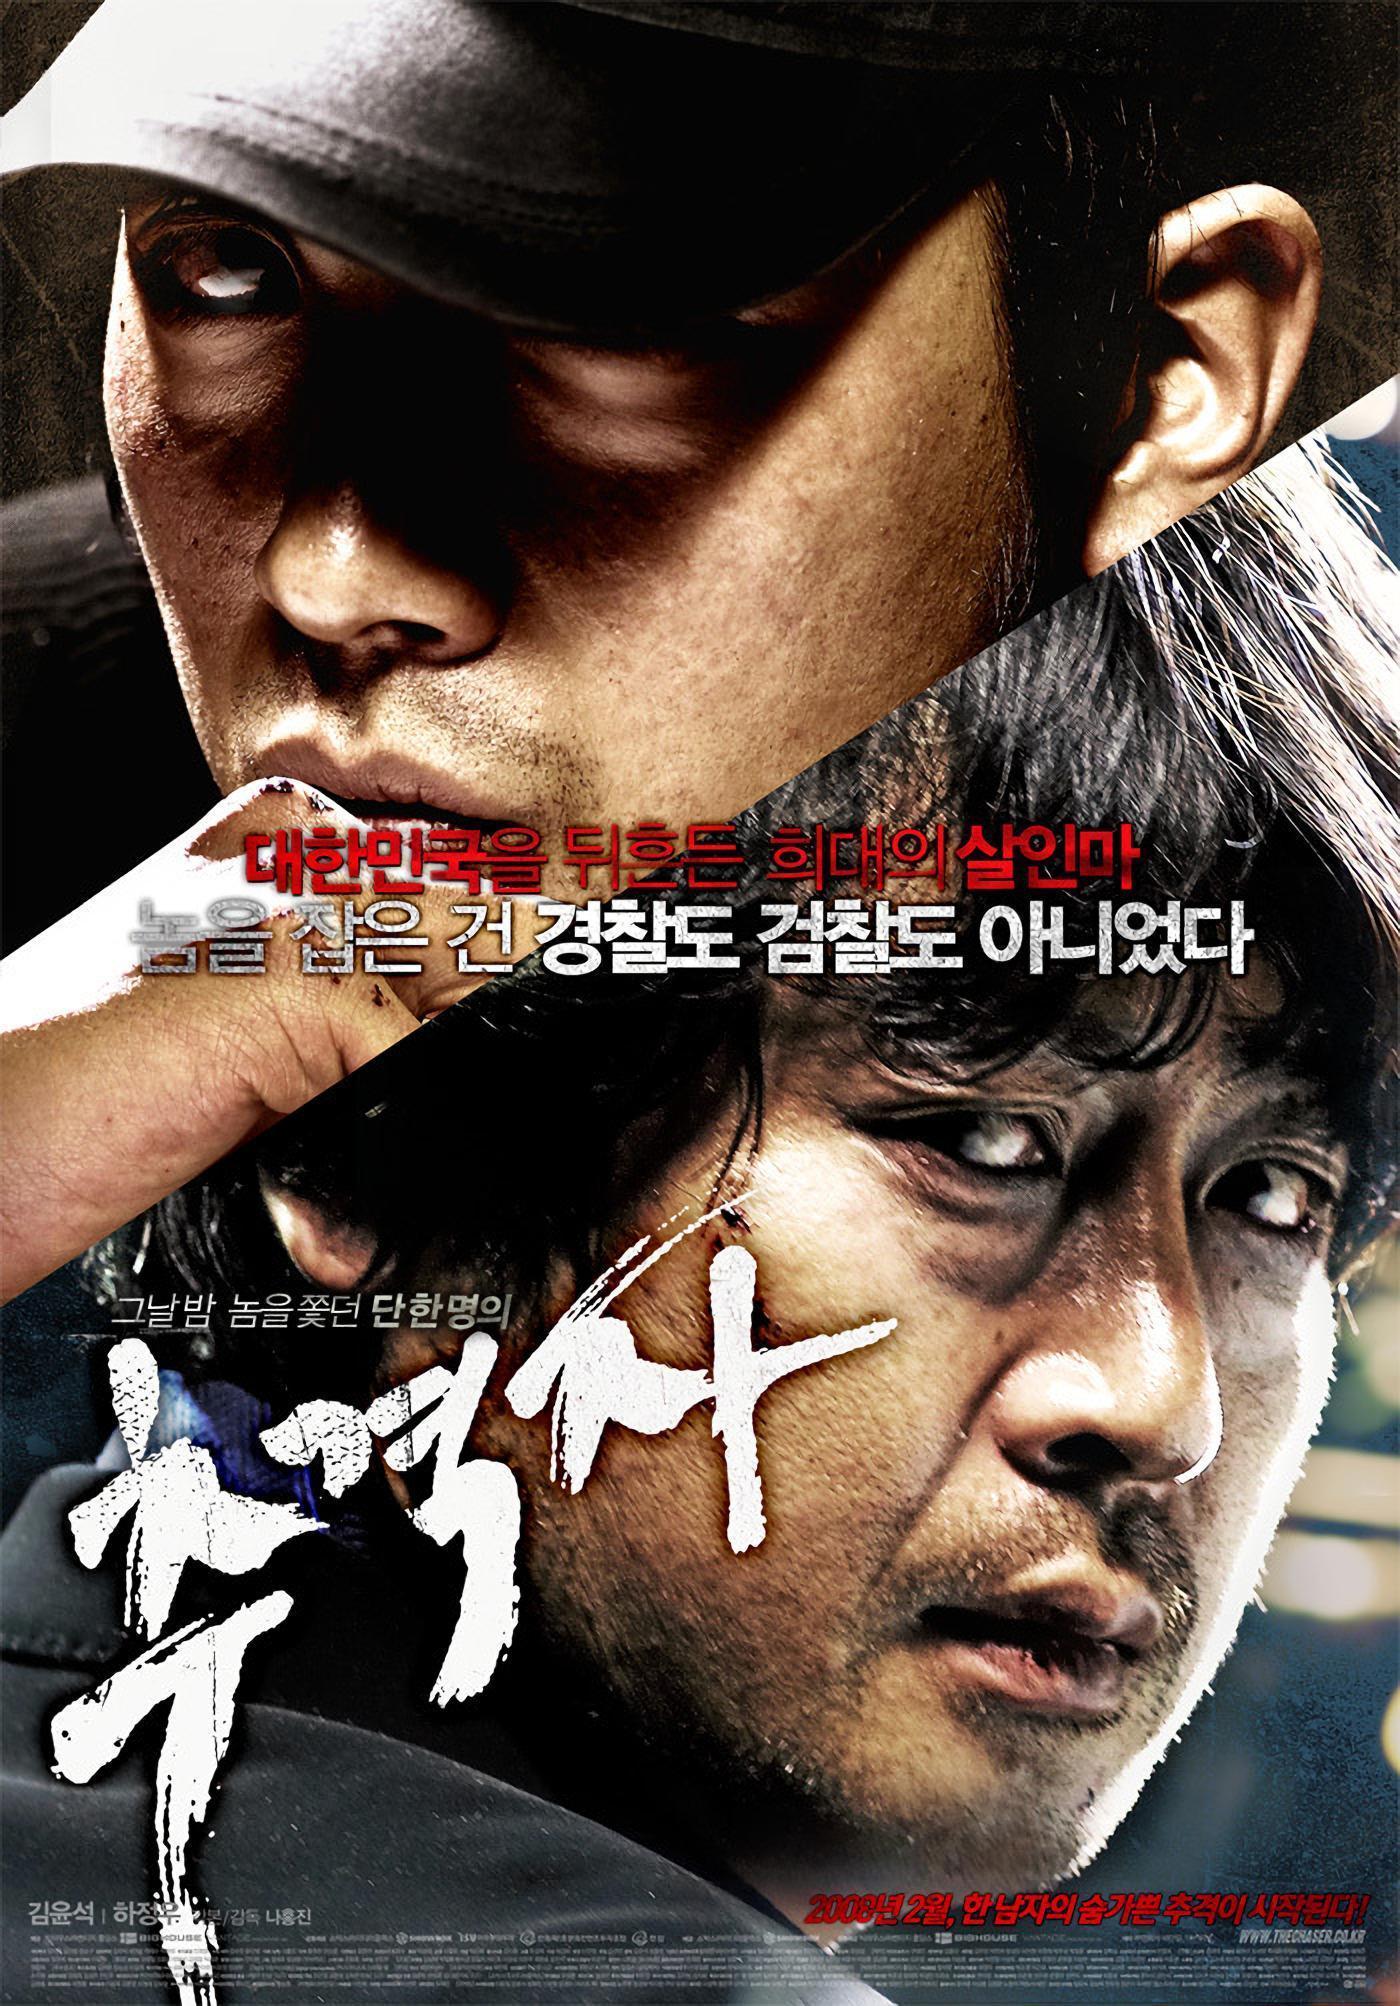 韩国电影朋友母亲gif